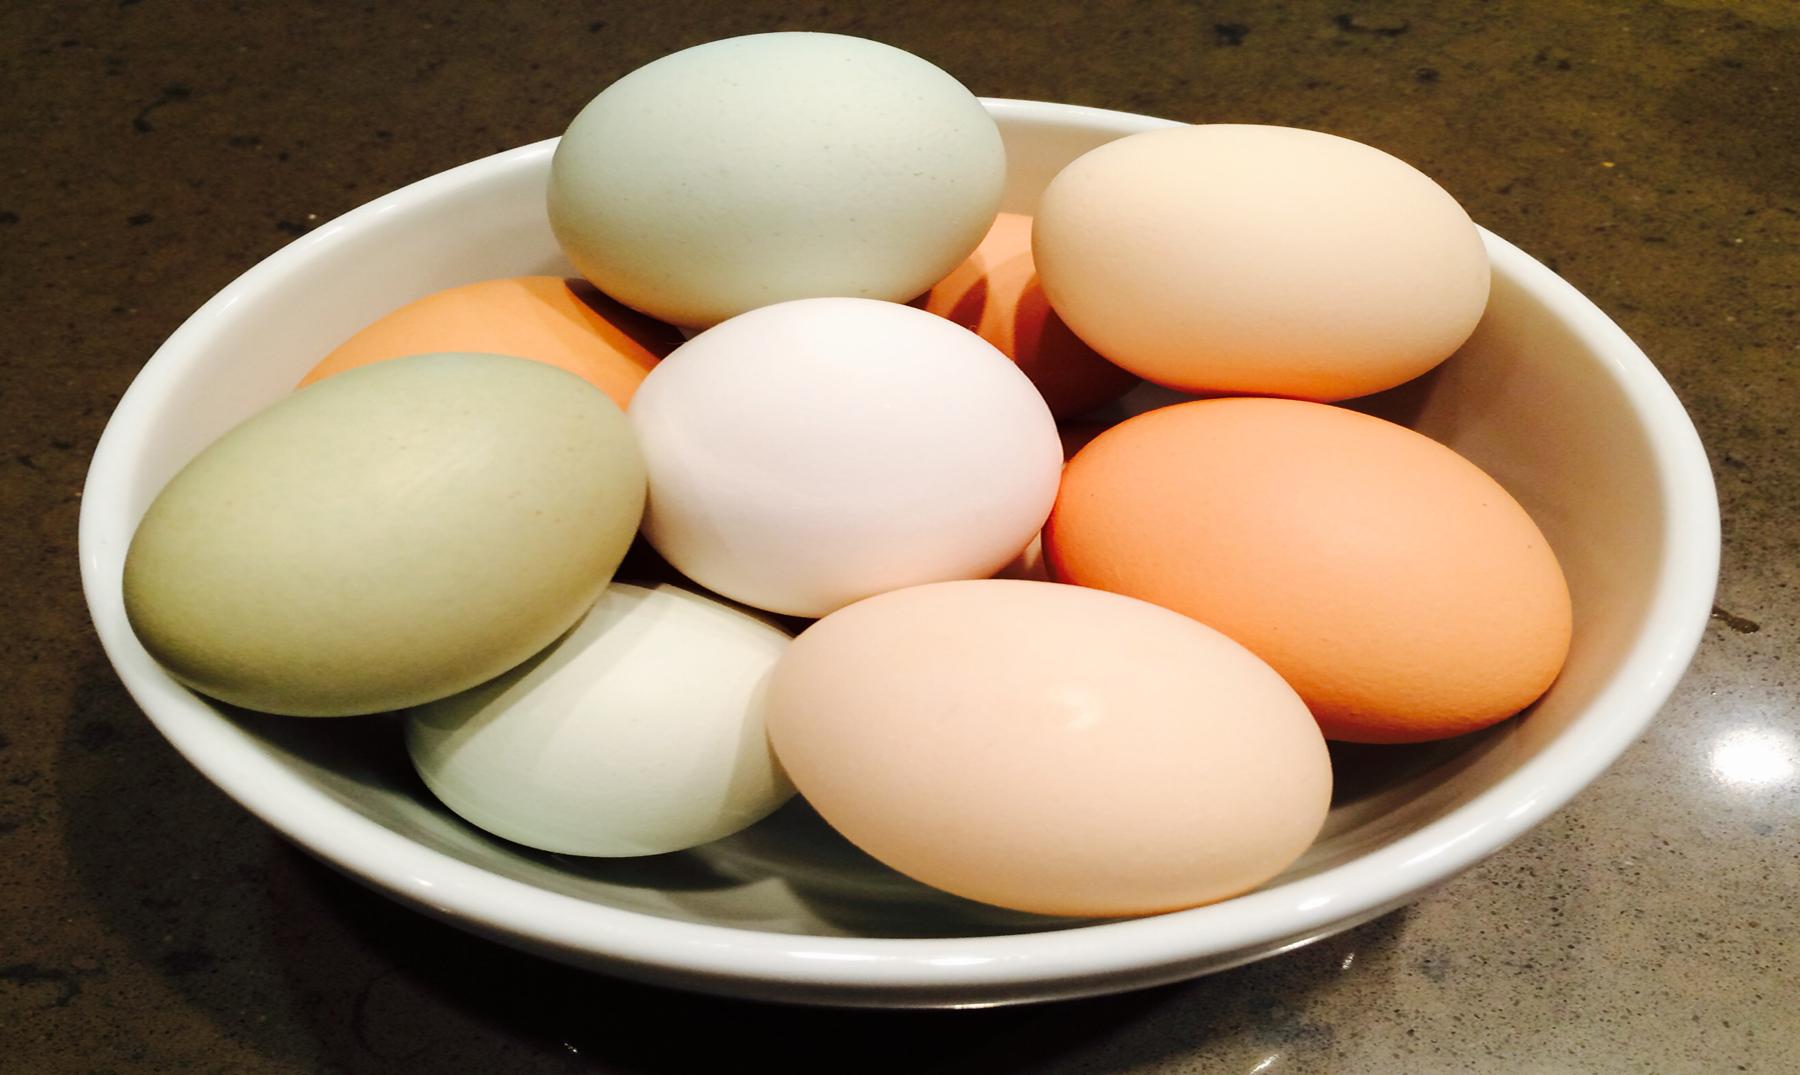 Huevos blancos, huevos marrones... pero, ¿cuál es la diferencia?